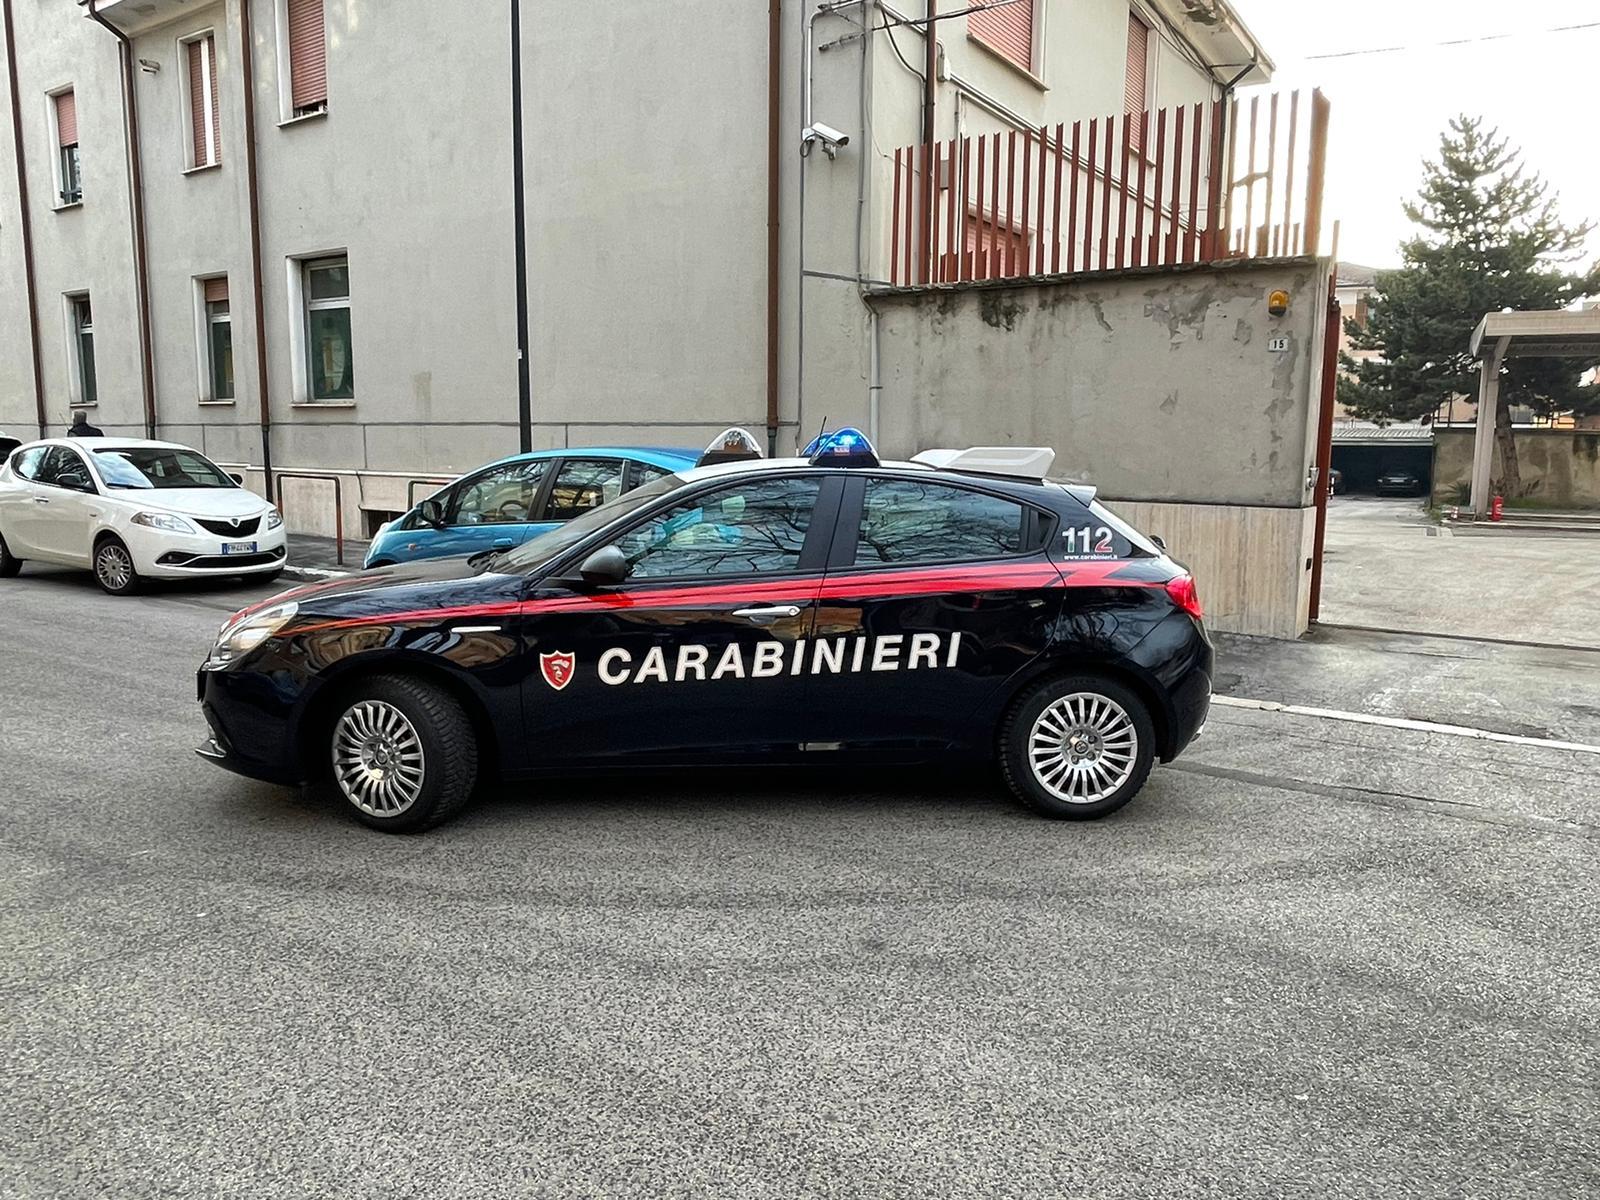 Spaccia cocaina per strada, arrestato in flagranza di reato dai carabinieri